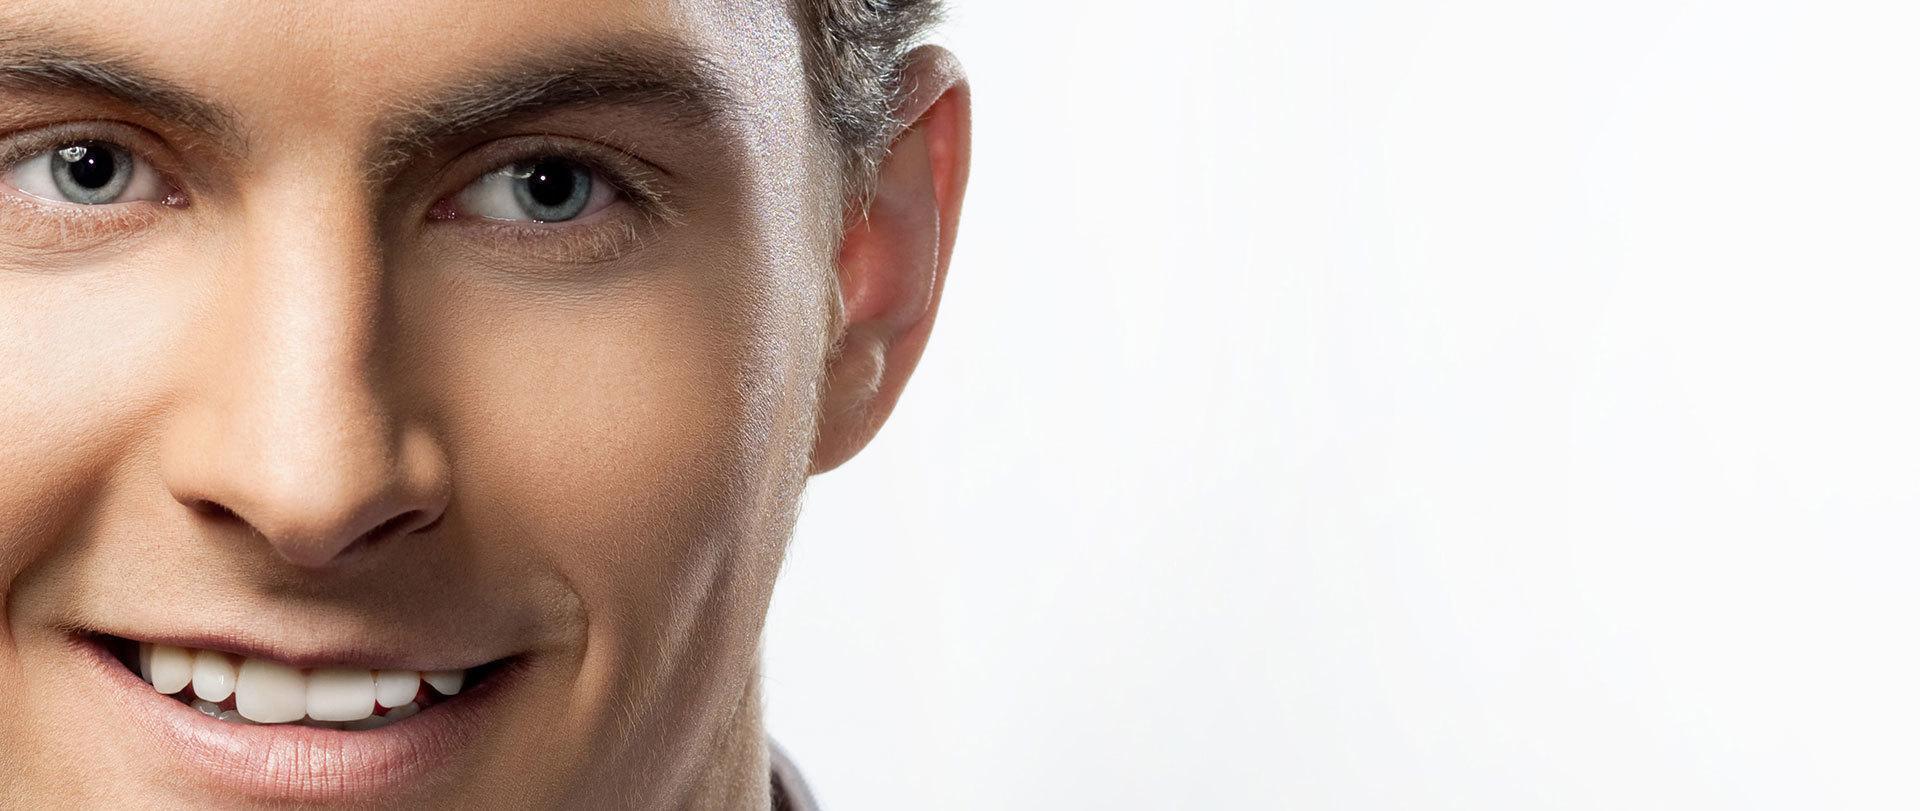 Grânulos de Fordyce: O Que É, Causas e Tratamento